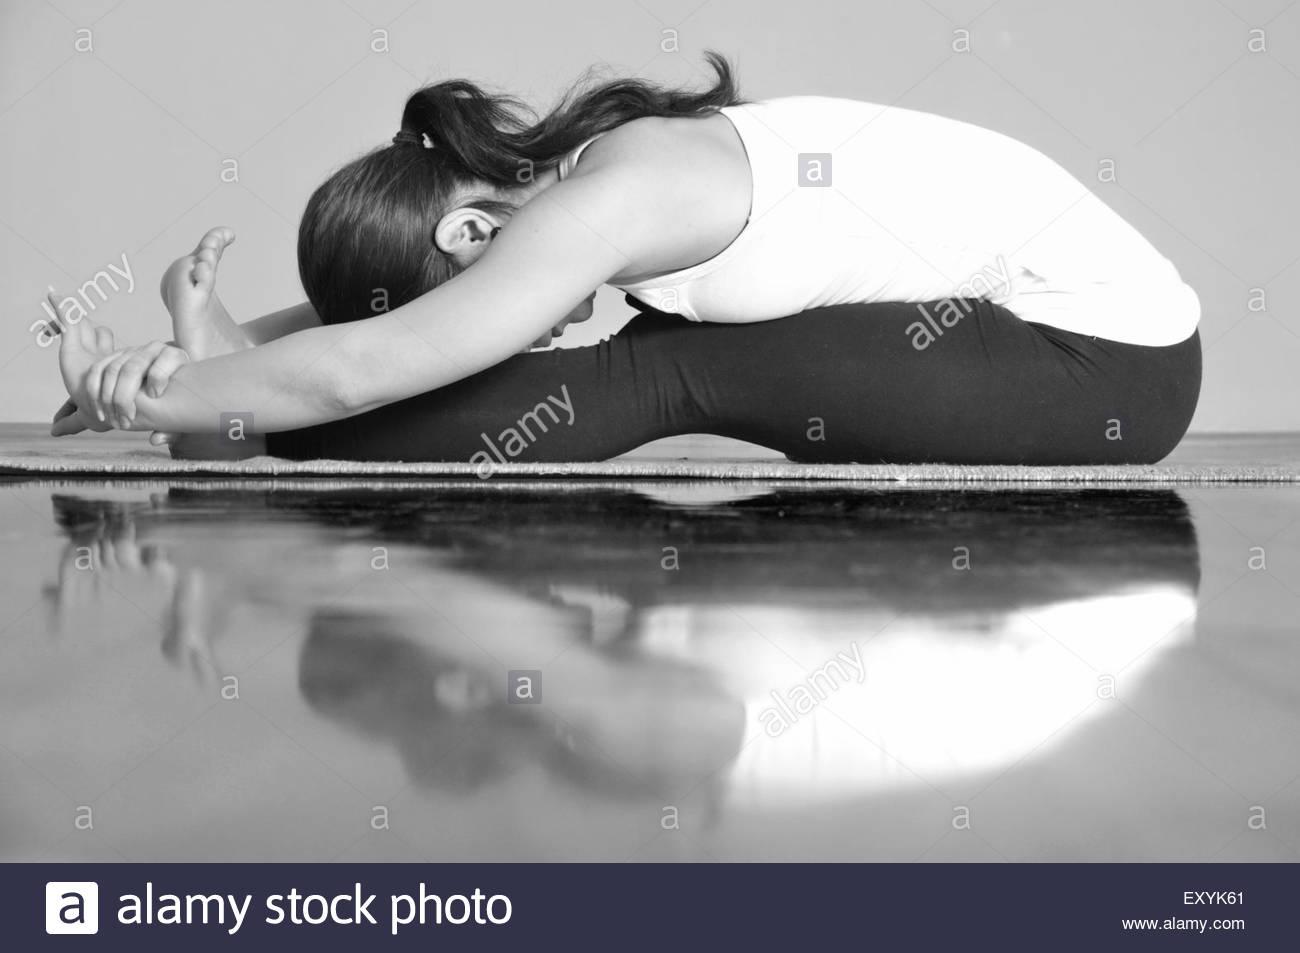 Girl doing Paschimottanasana yoga pose - Stock Image